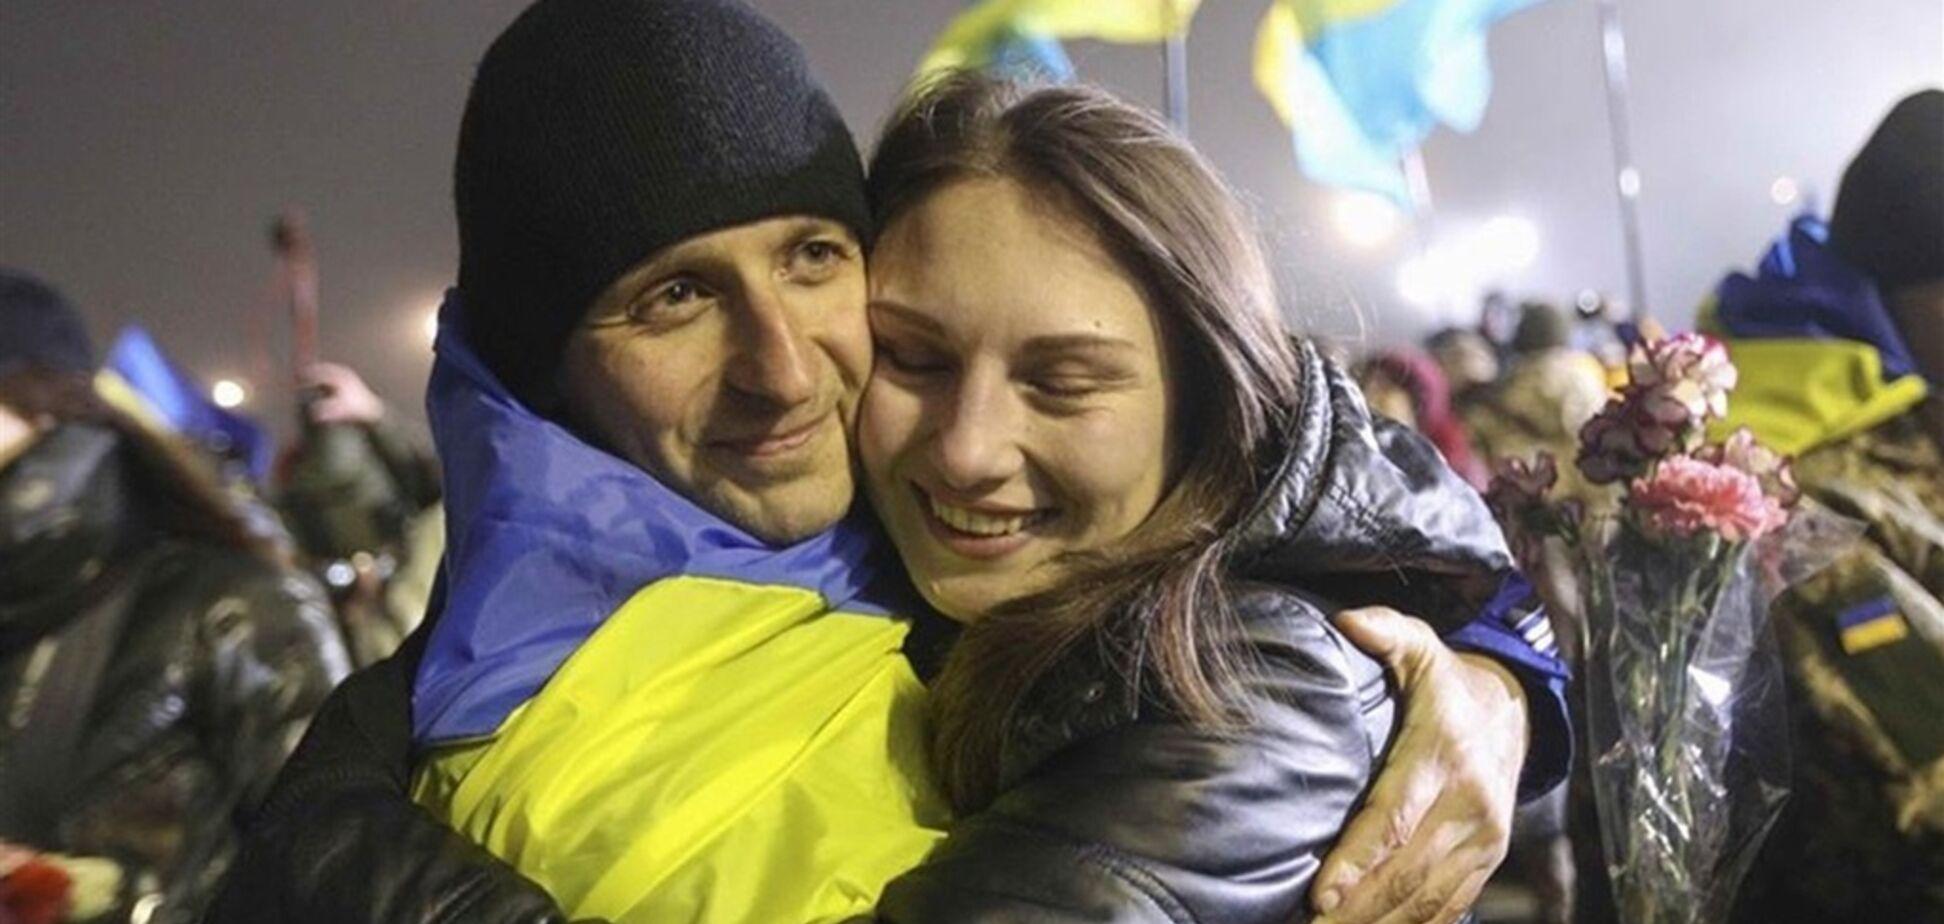 Игорь Сапожников после плена в 'ДНР' открыл секс-шоп